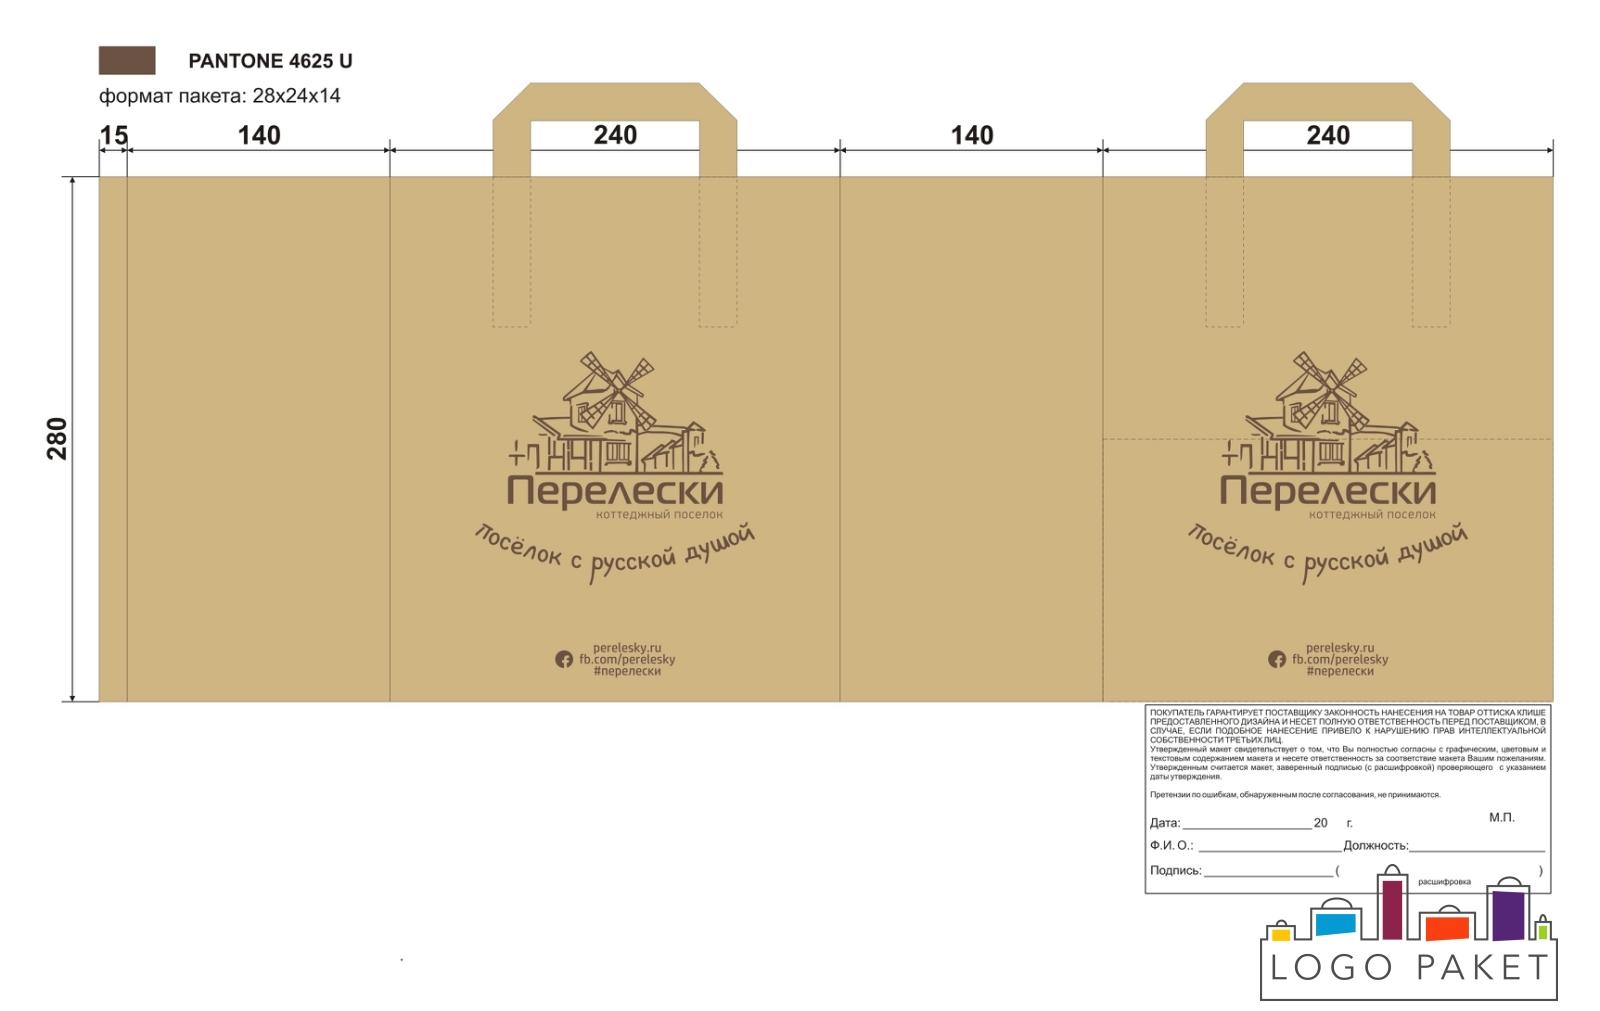 Схема крафт-пакета с плоскими ручками 28х24х14 см